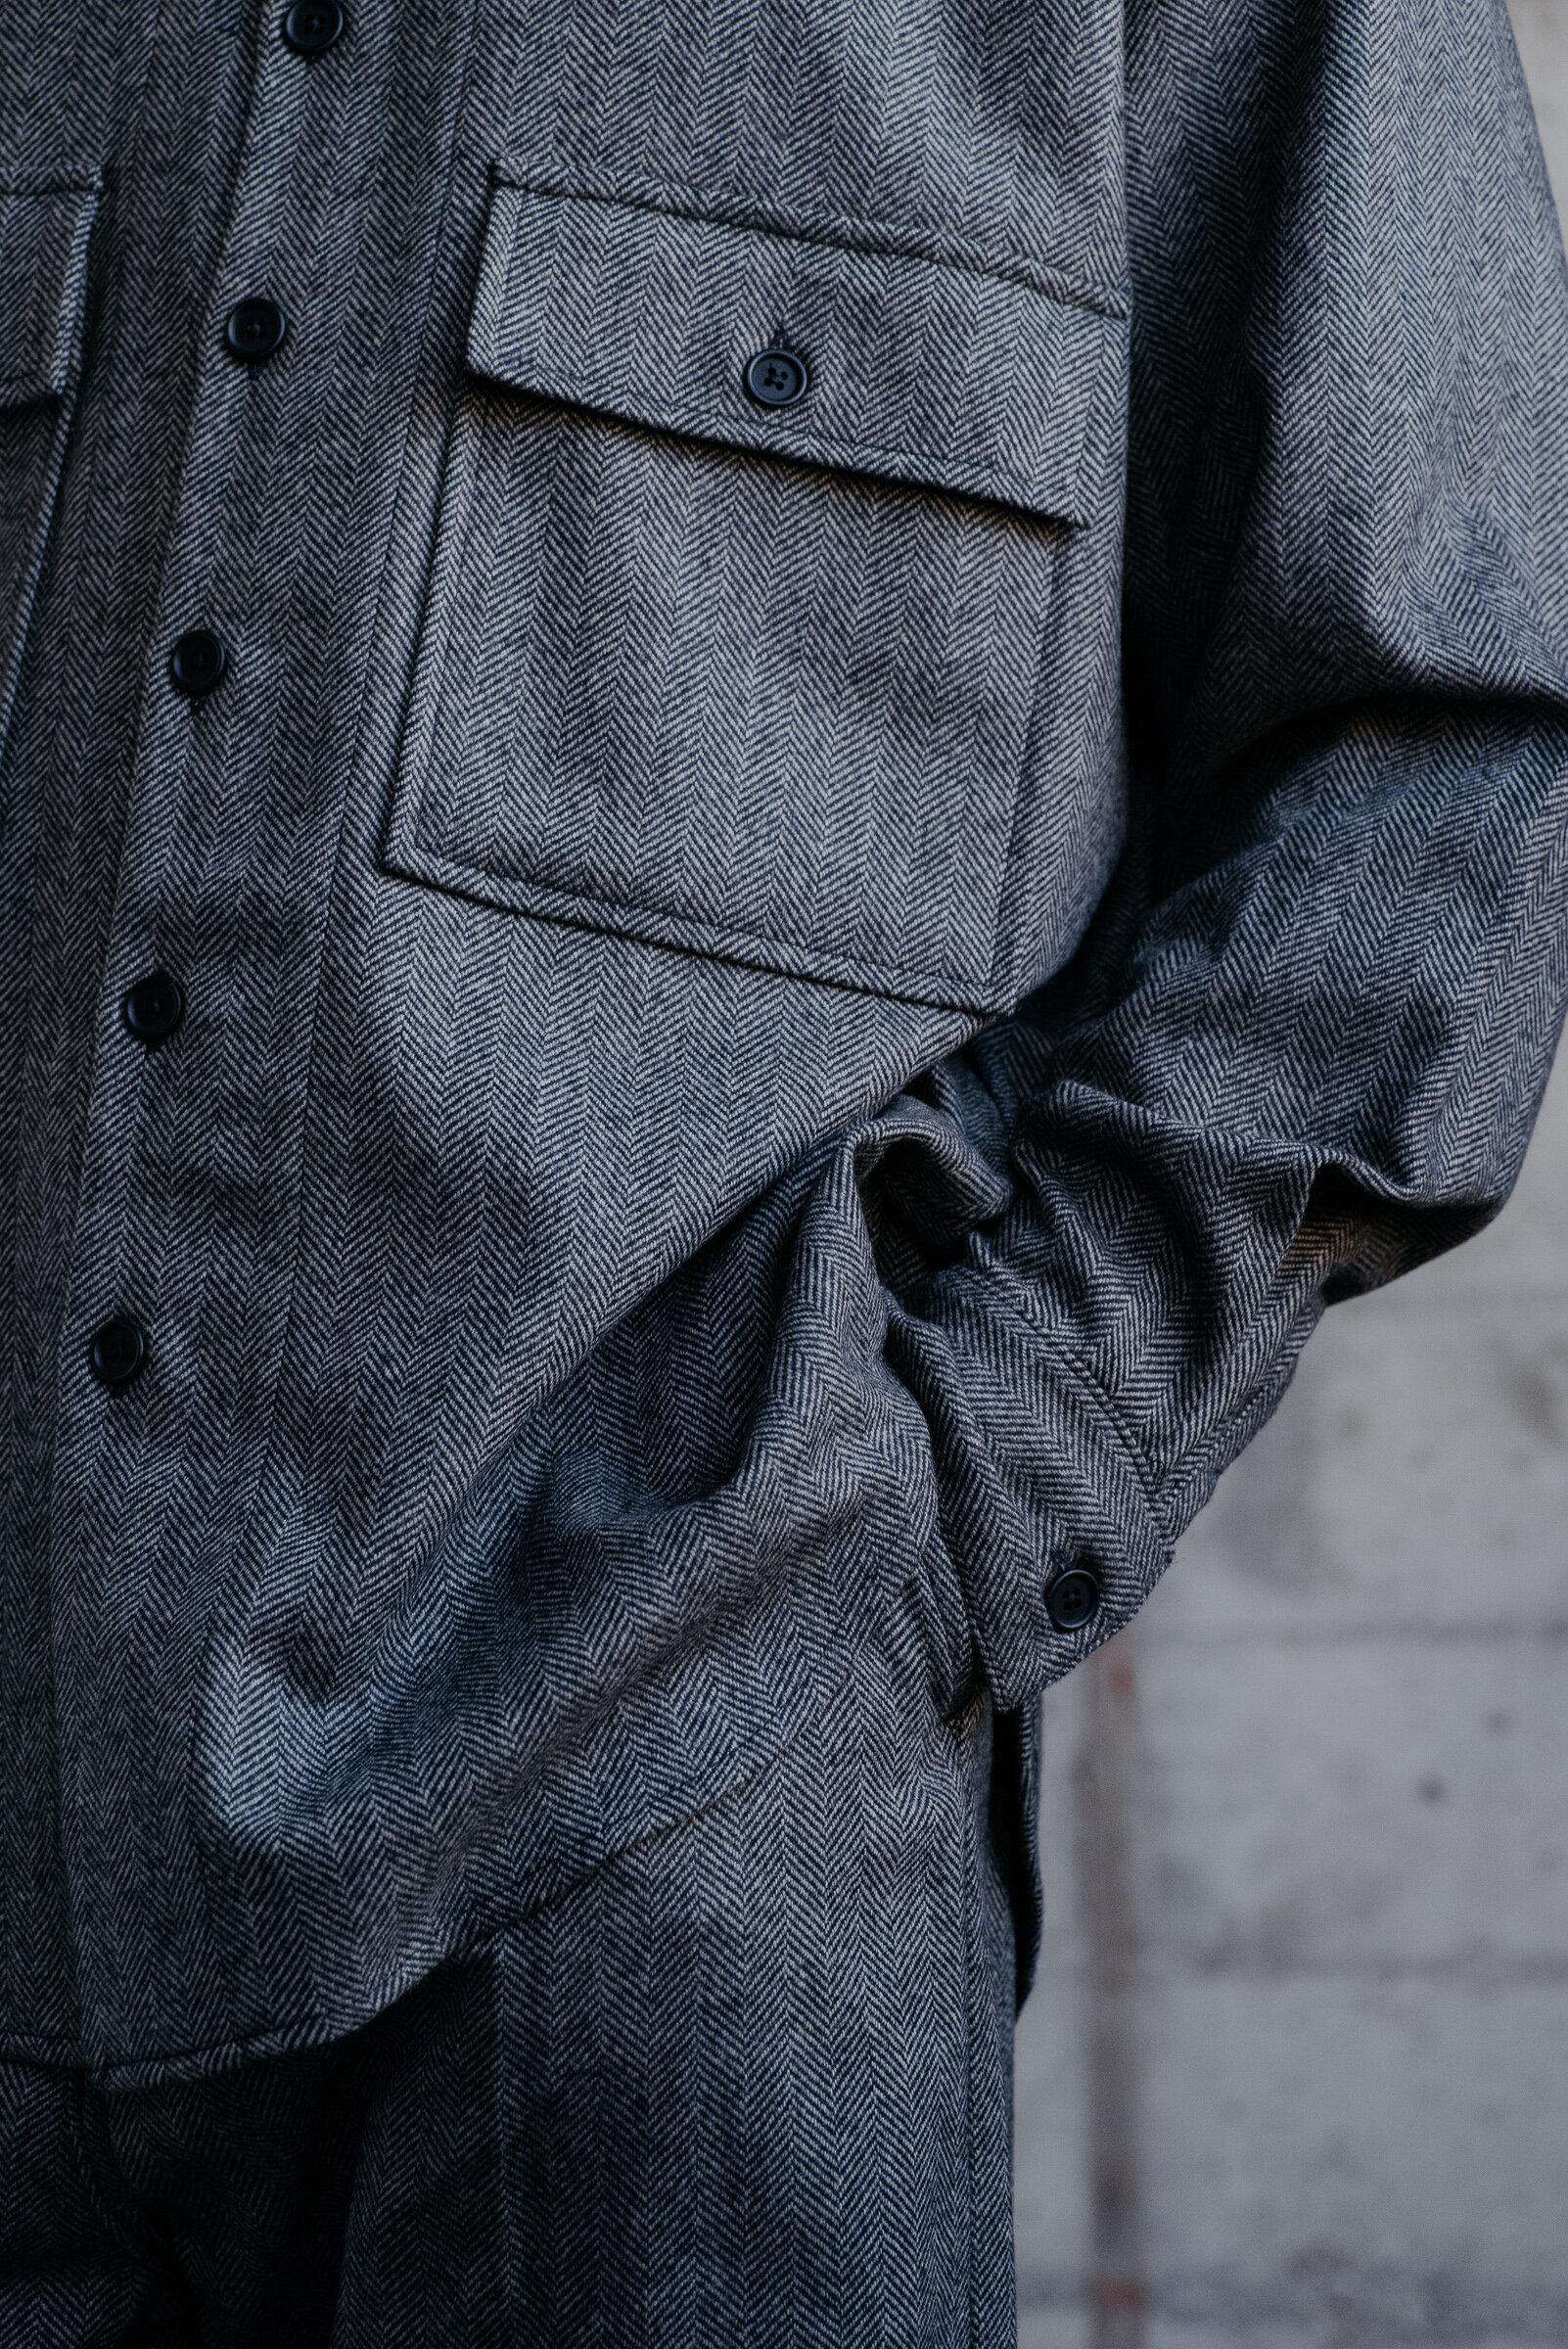 evan-kinori-big-shirt-cashmere-lambswool-herringbone-woven-england-11